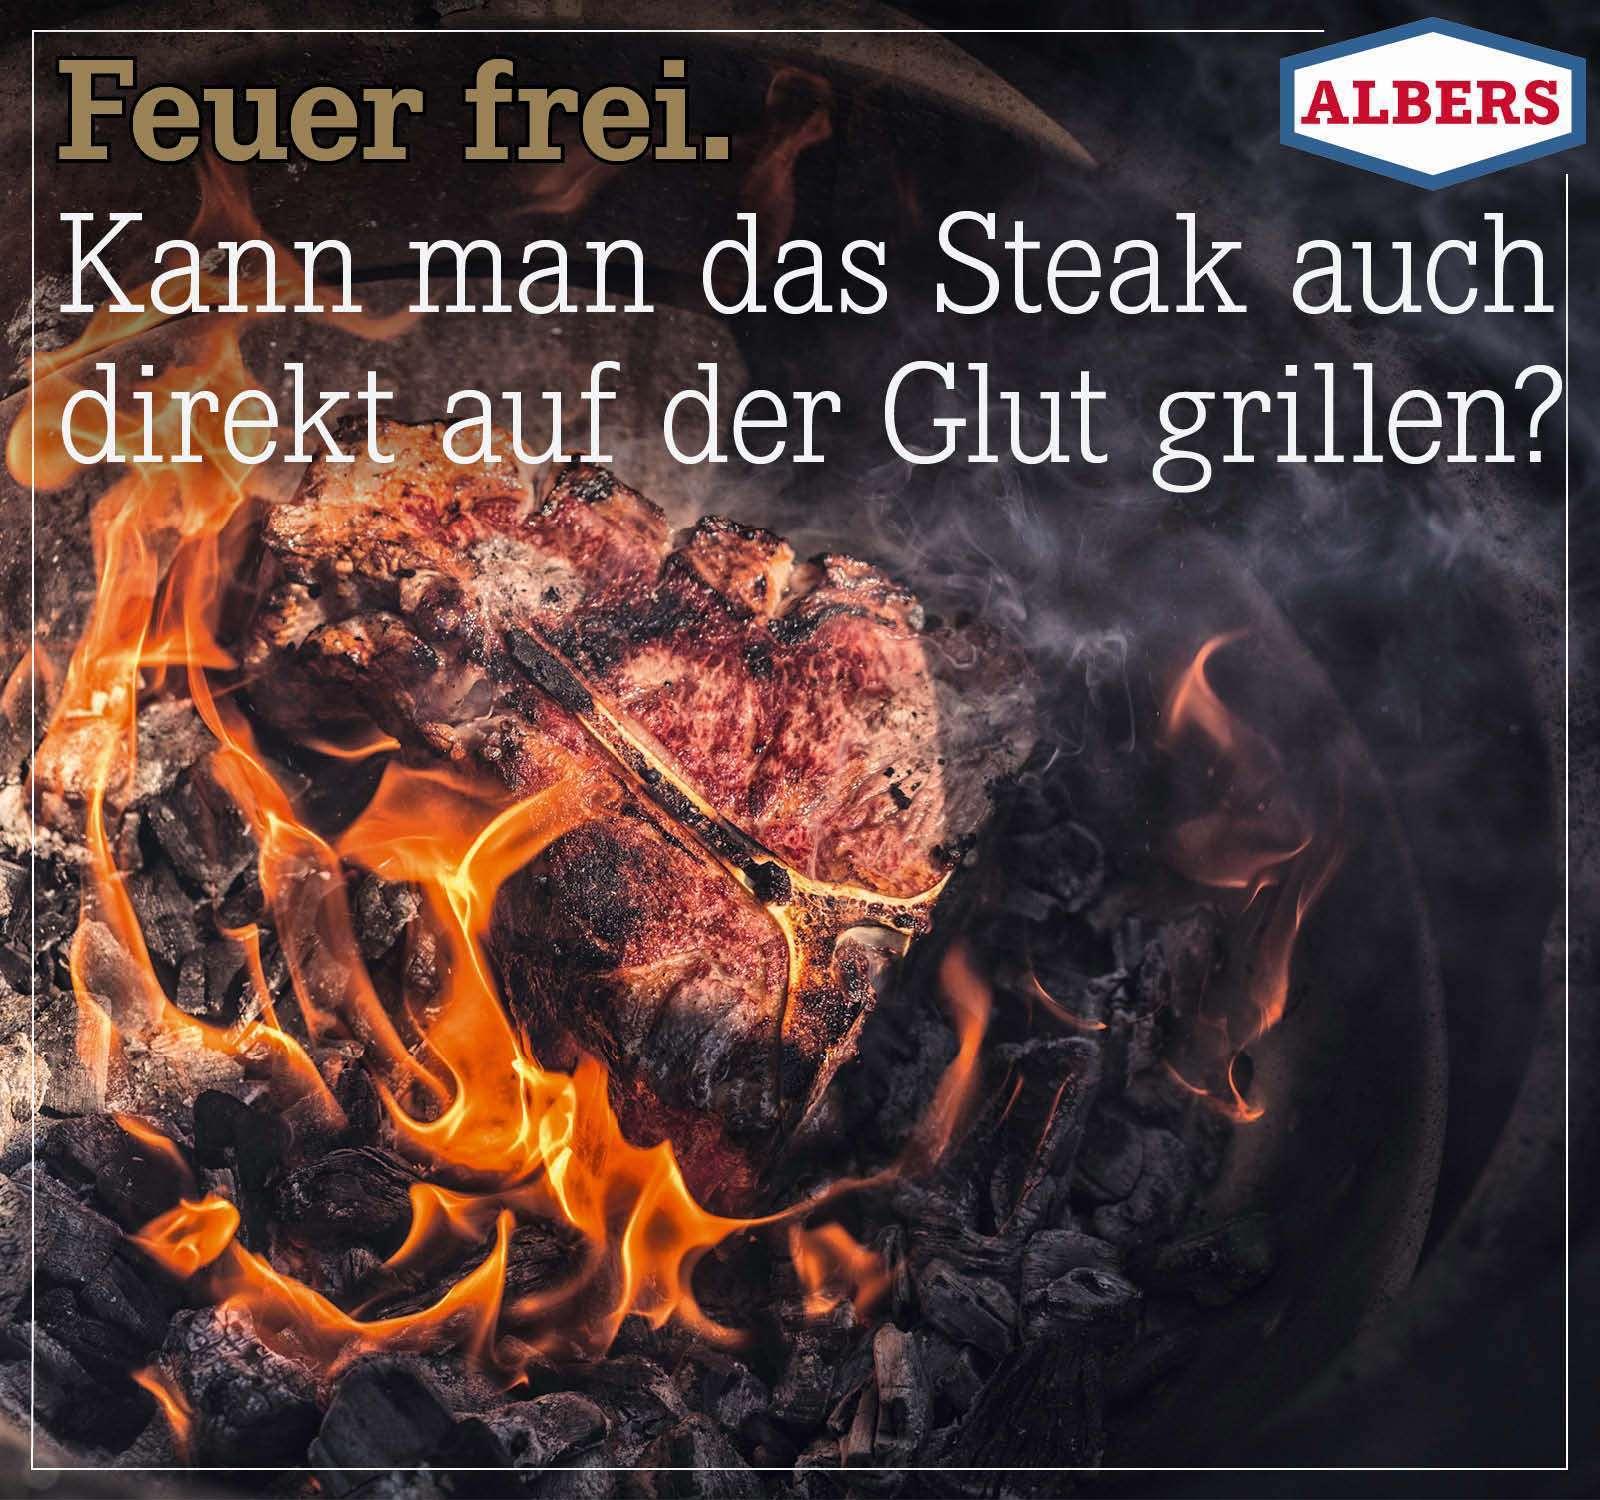 Feuer frei. Kann man das Steak auch direkt auf der Glut grillen?